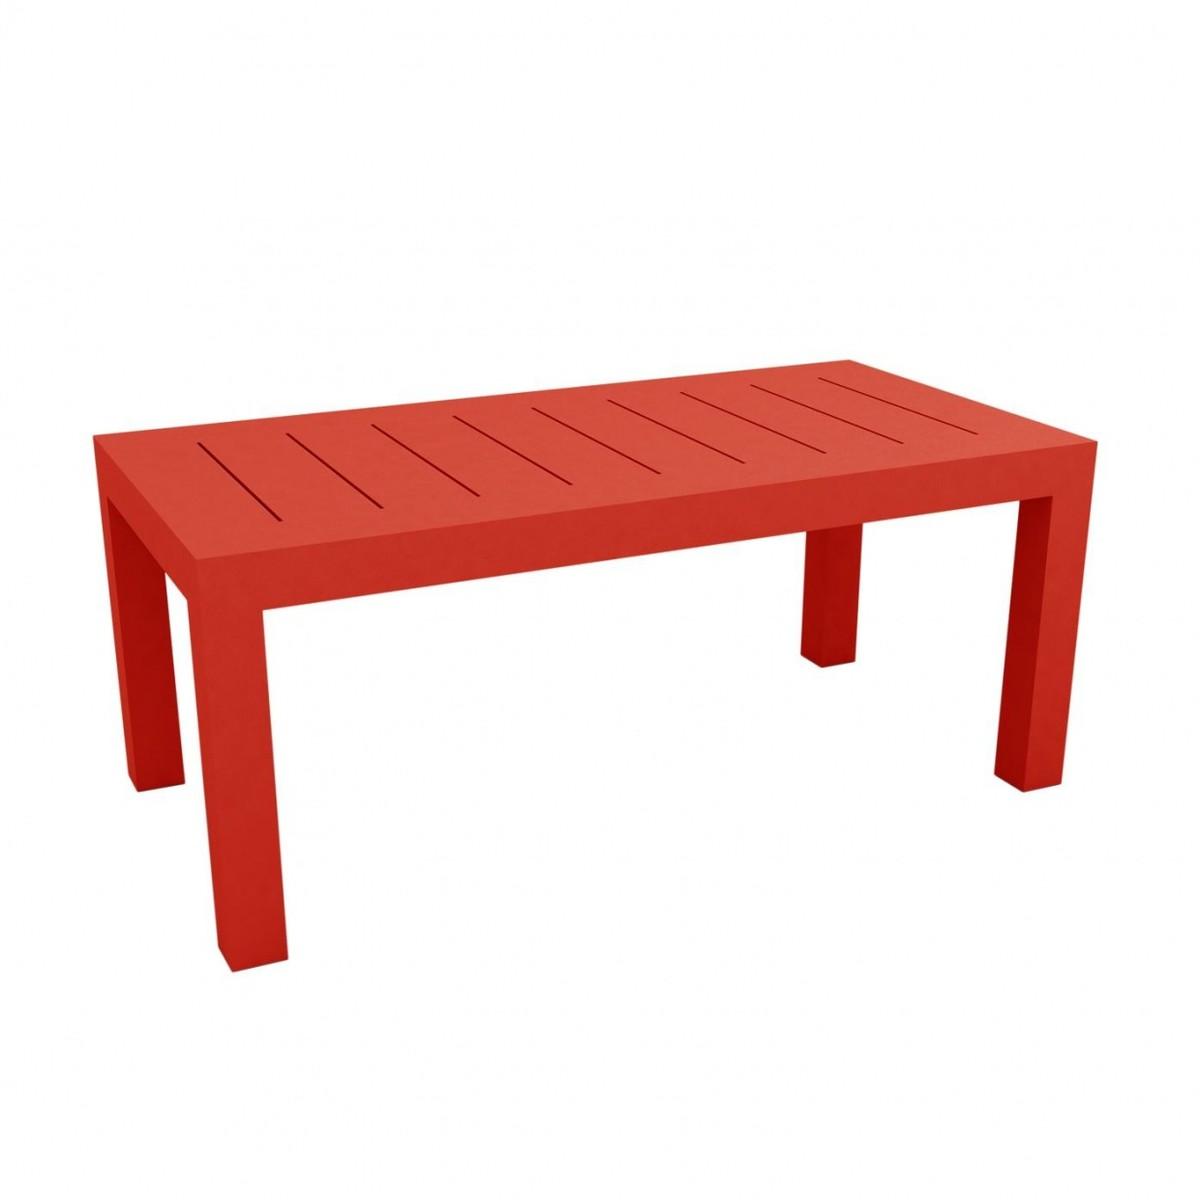 Jut Table 180cm Vondom AmbienteDirectcom